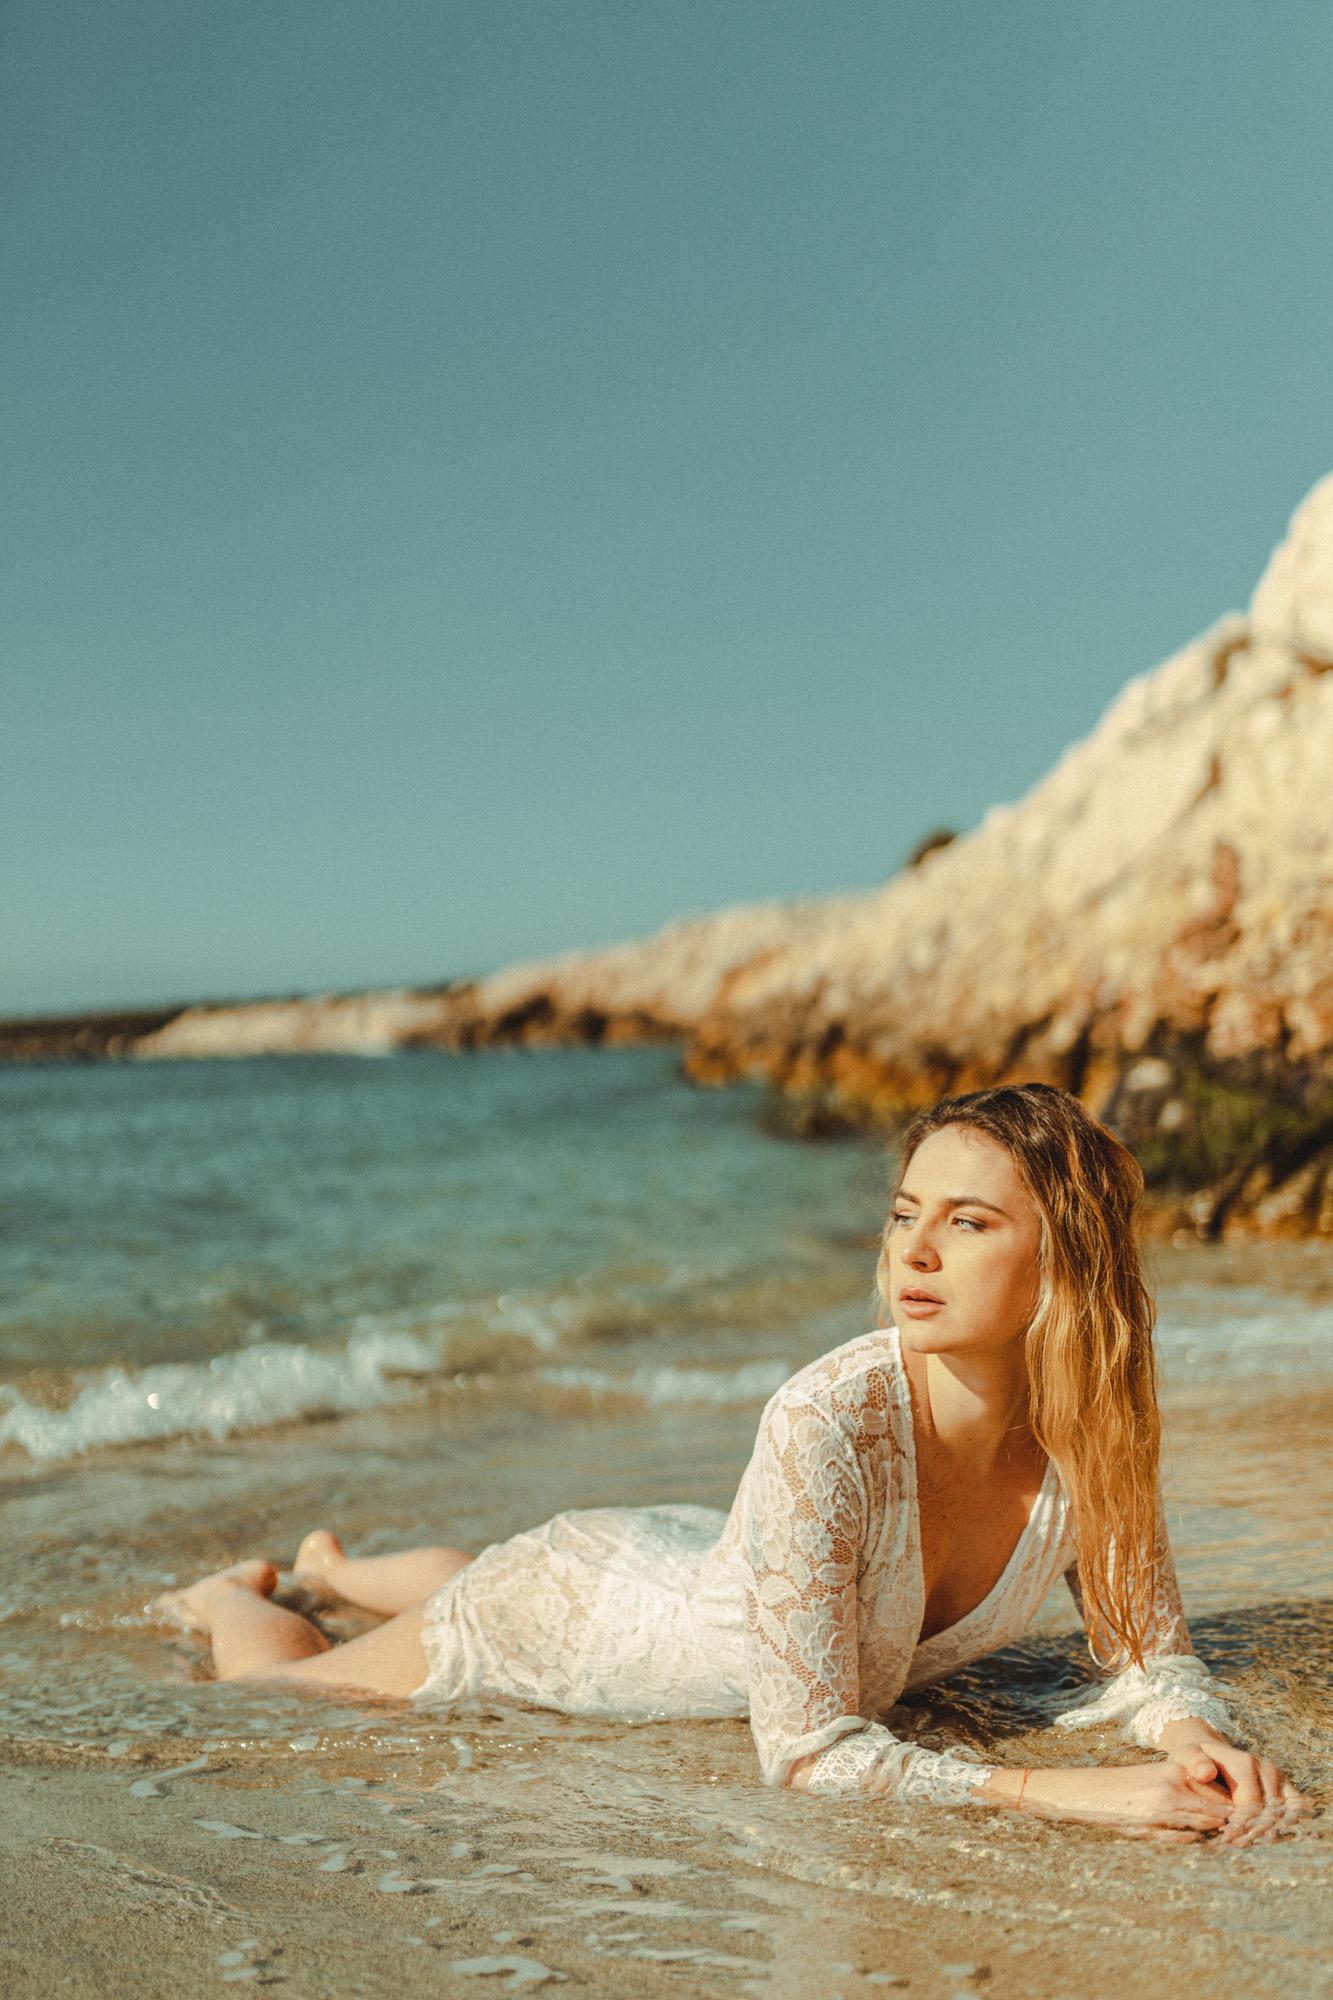 Photo numéro 5 du shooting mélancolie d'été